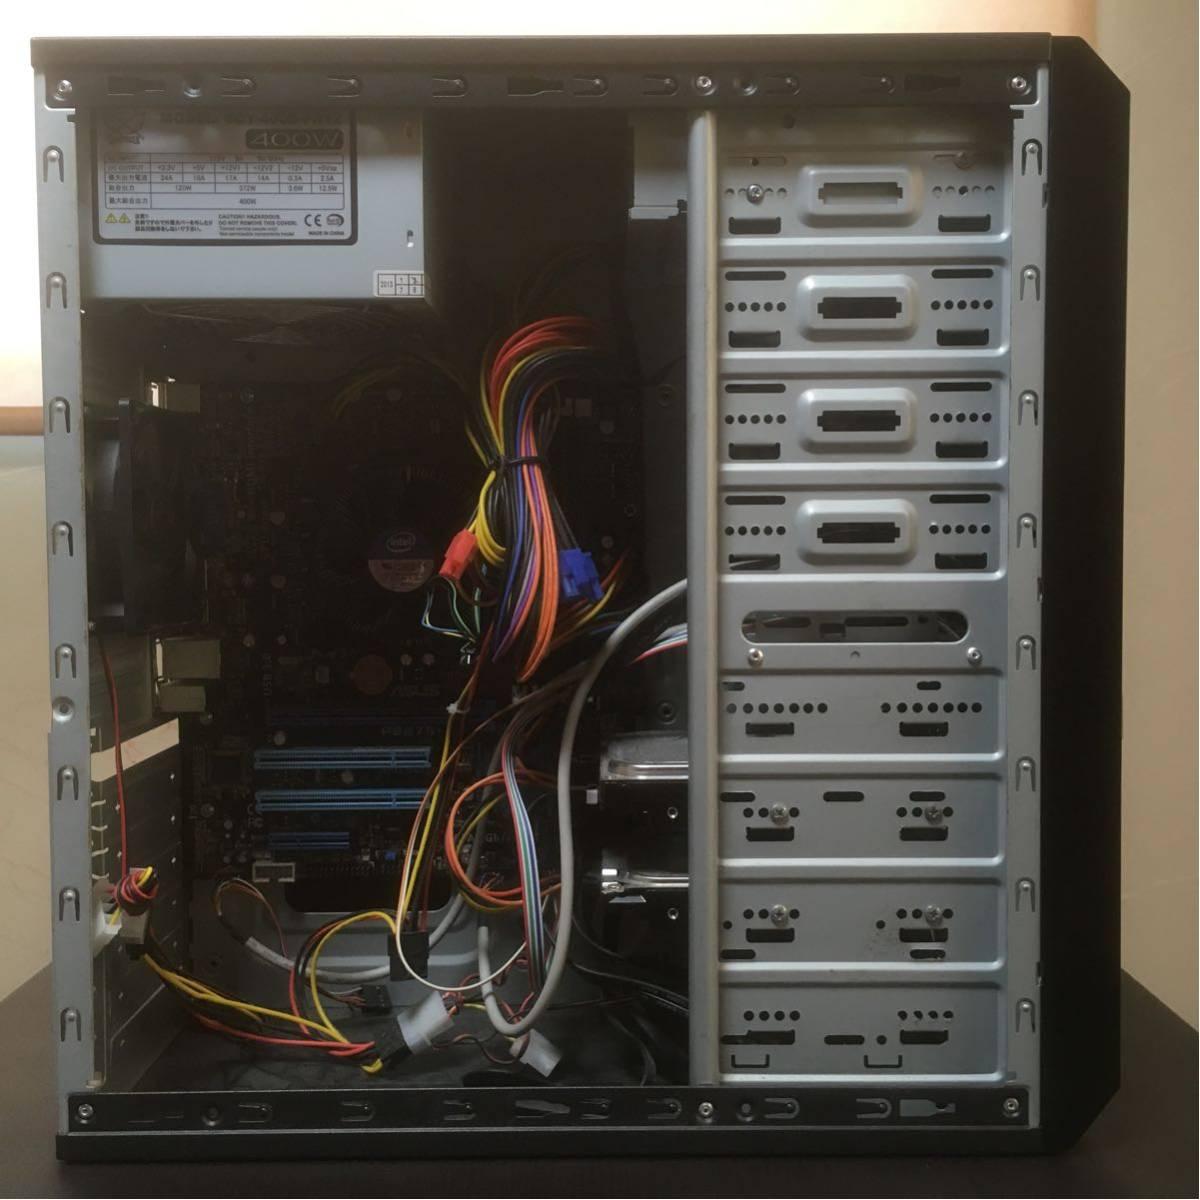 【美品】自作PC/デスクトップパソコン Intel Core i7-3770/8GB/HDD:500GB+1TB/Windows7 Pro/P8B75-M/BD-ROM/DVDスーパーマルチ 動作確認済_画像5